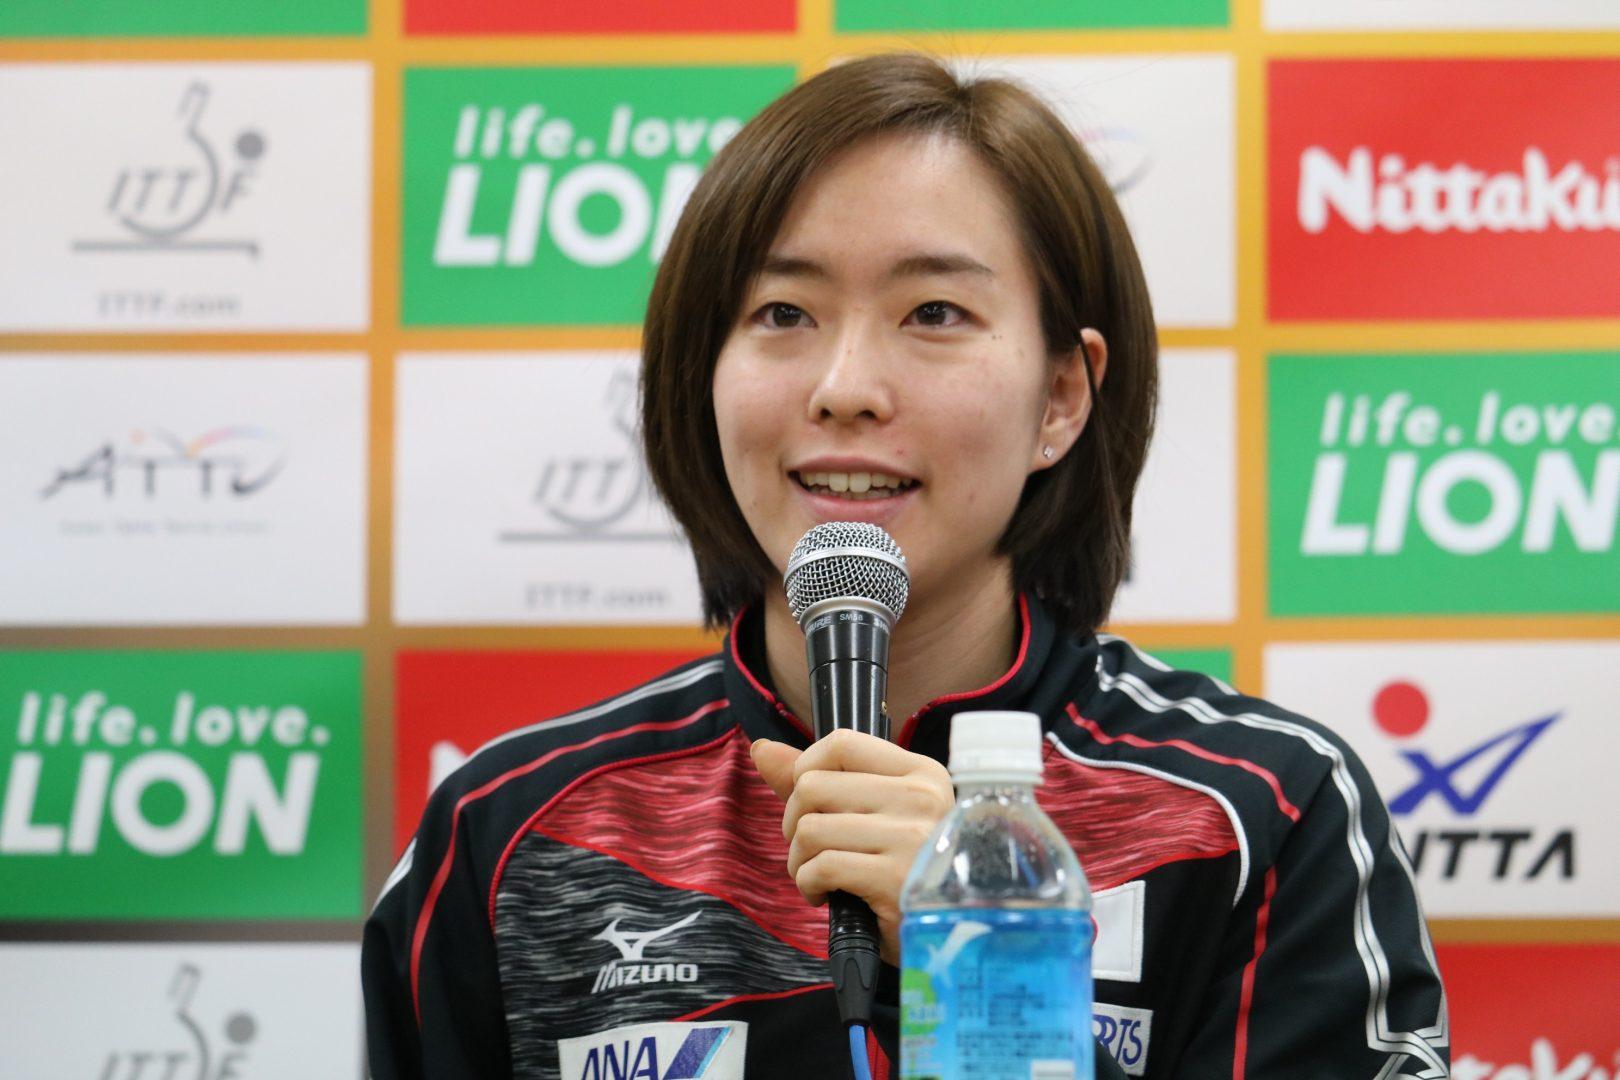 横浜2009の感動よ再び 卓球アジアカップが開幕